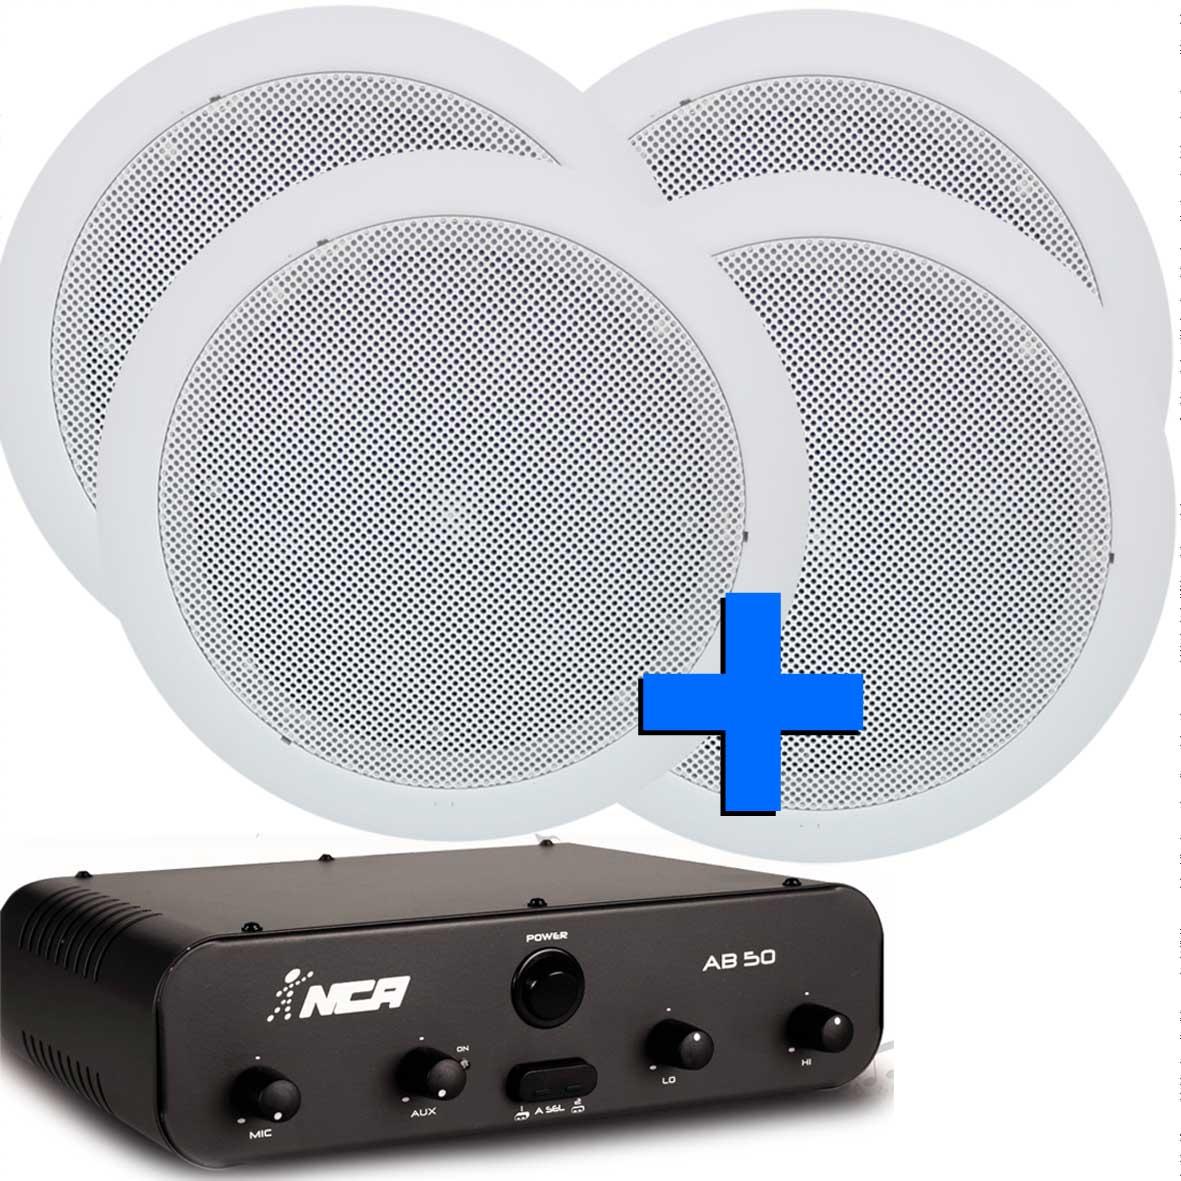 som ambiente amplificador 50W com 4 arandelas para ambientes até 100m2